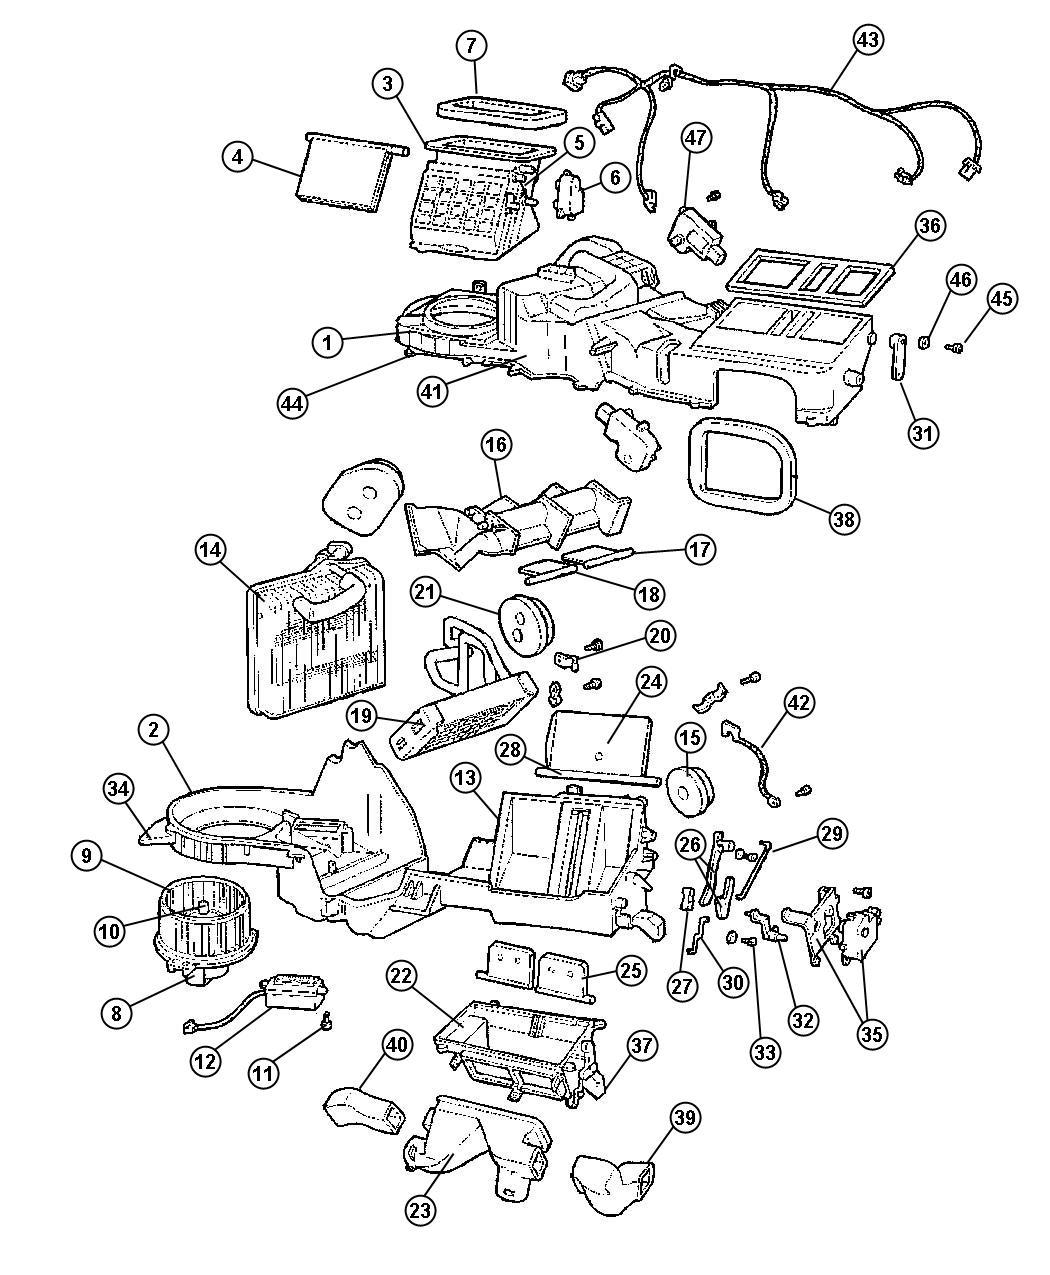 2004 dodge 2 7 engine diagram badlands 12000 winch wiring chrysler sebring touring v6 7l get free